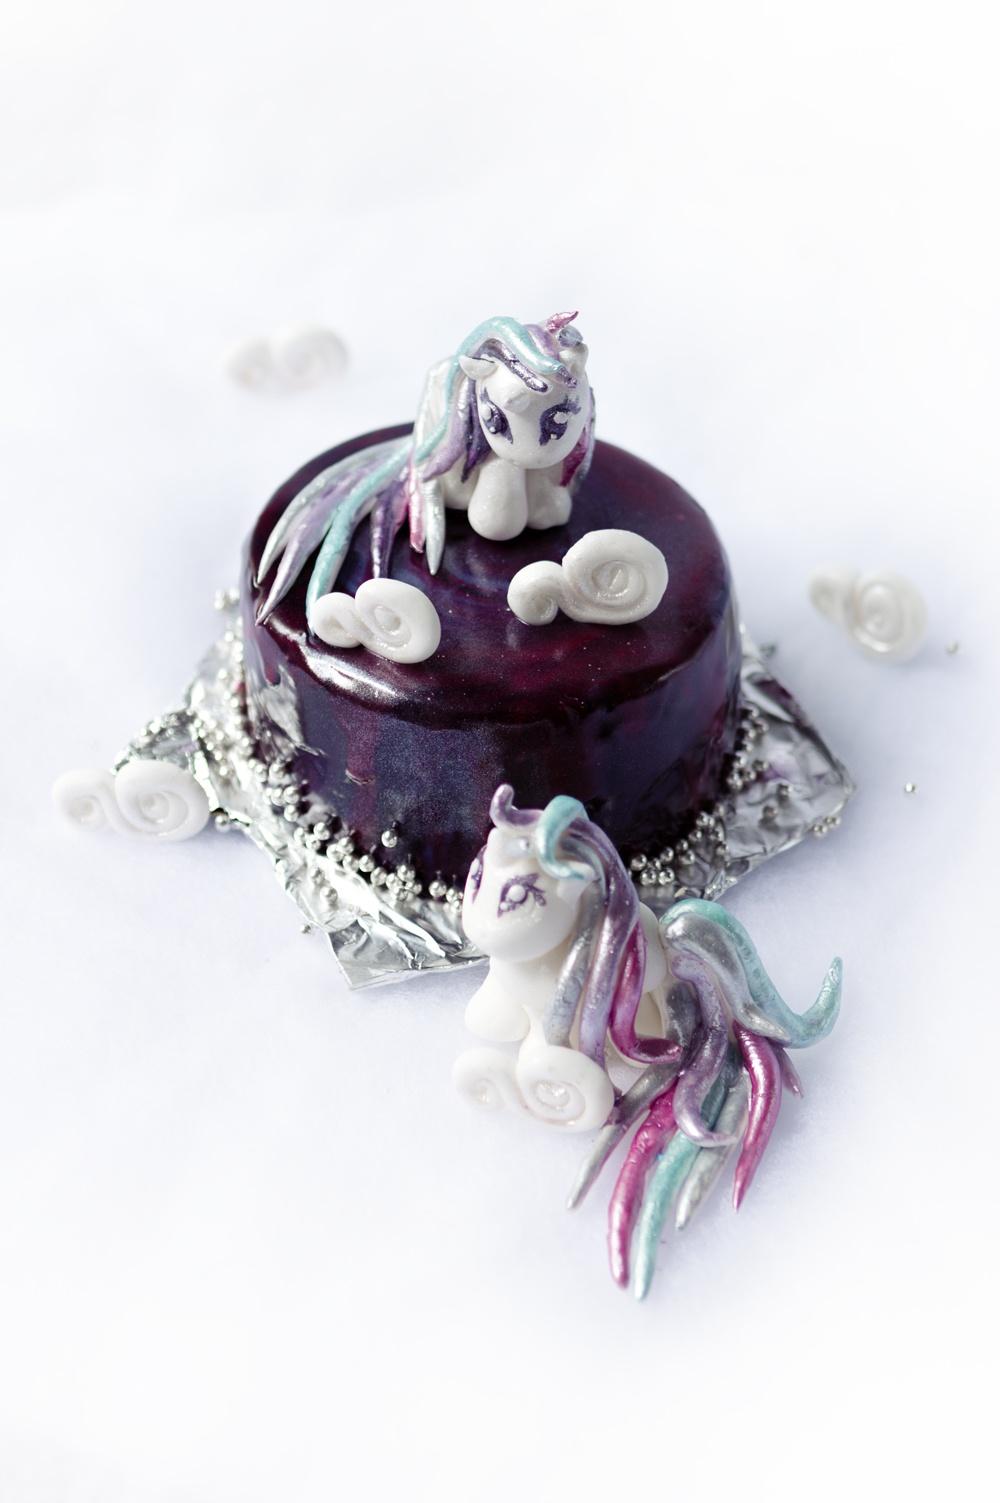 My Little Pony Cake - Gâteau mon Petit Poney - Studio de création  - Qui a vole les tartes